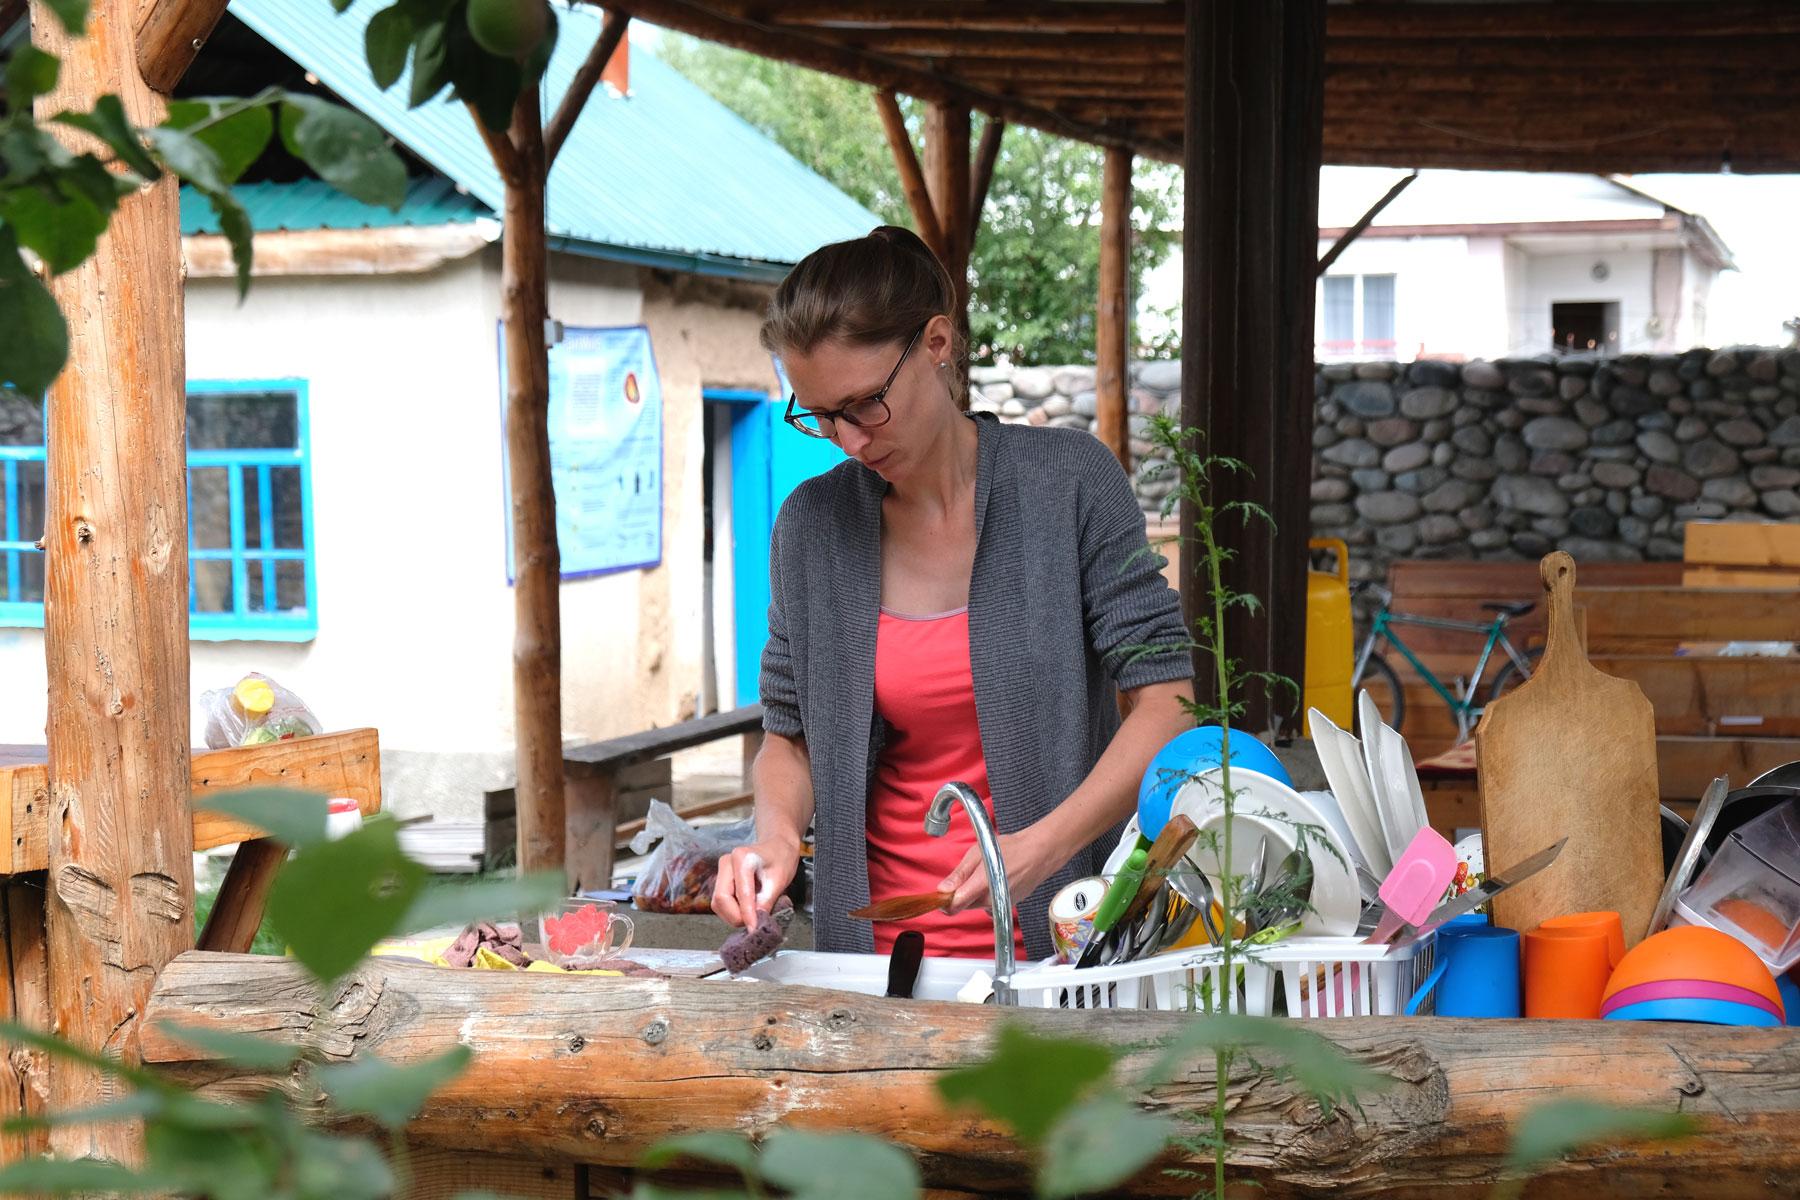 Auch Abwaschen gehört dazu - wie schön, wenn es in der Open-Air-Küche möglich ist